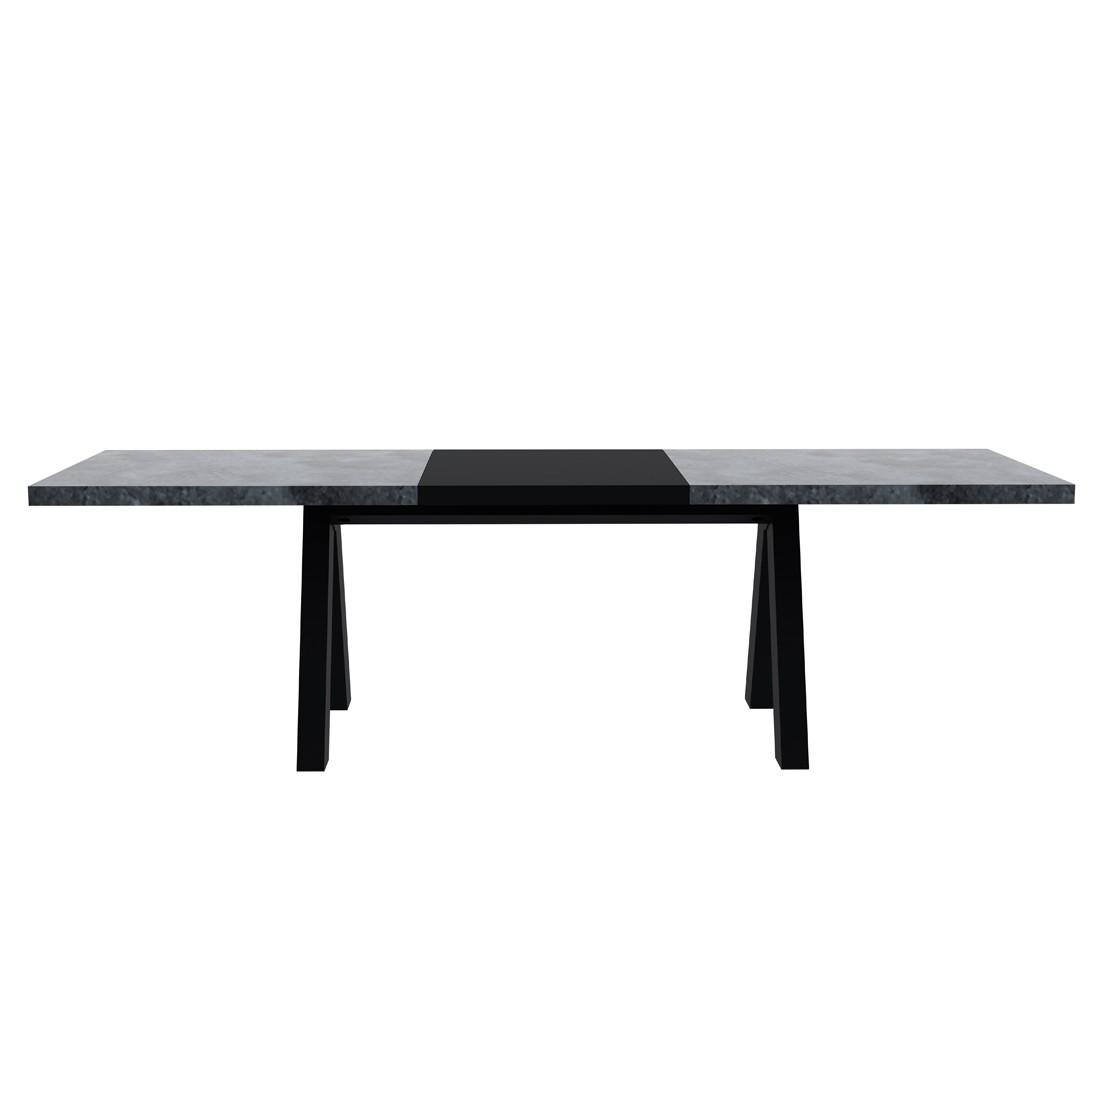 Table à manger Thornton (avec rallonge) - Imitation béton / noir, loftscape